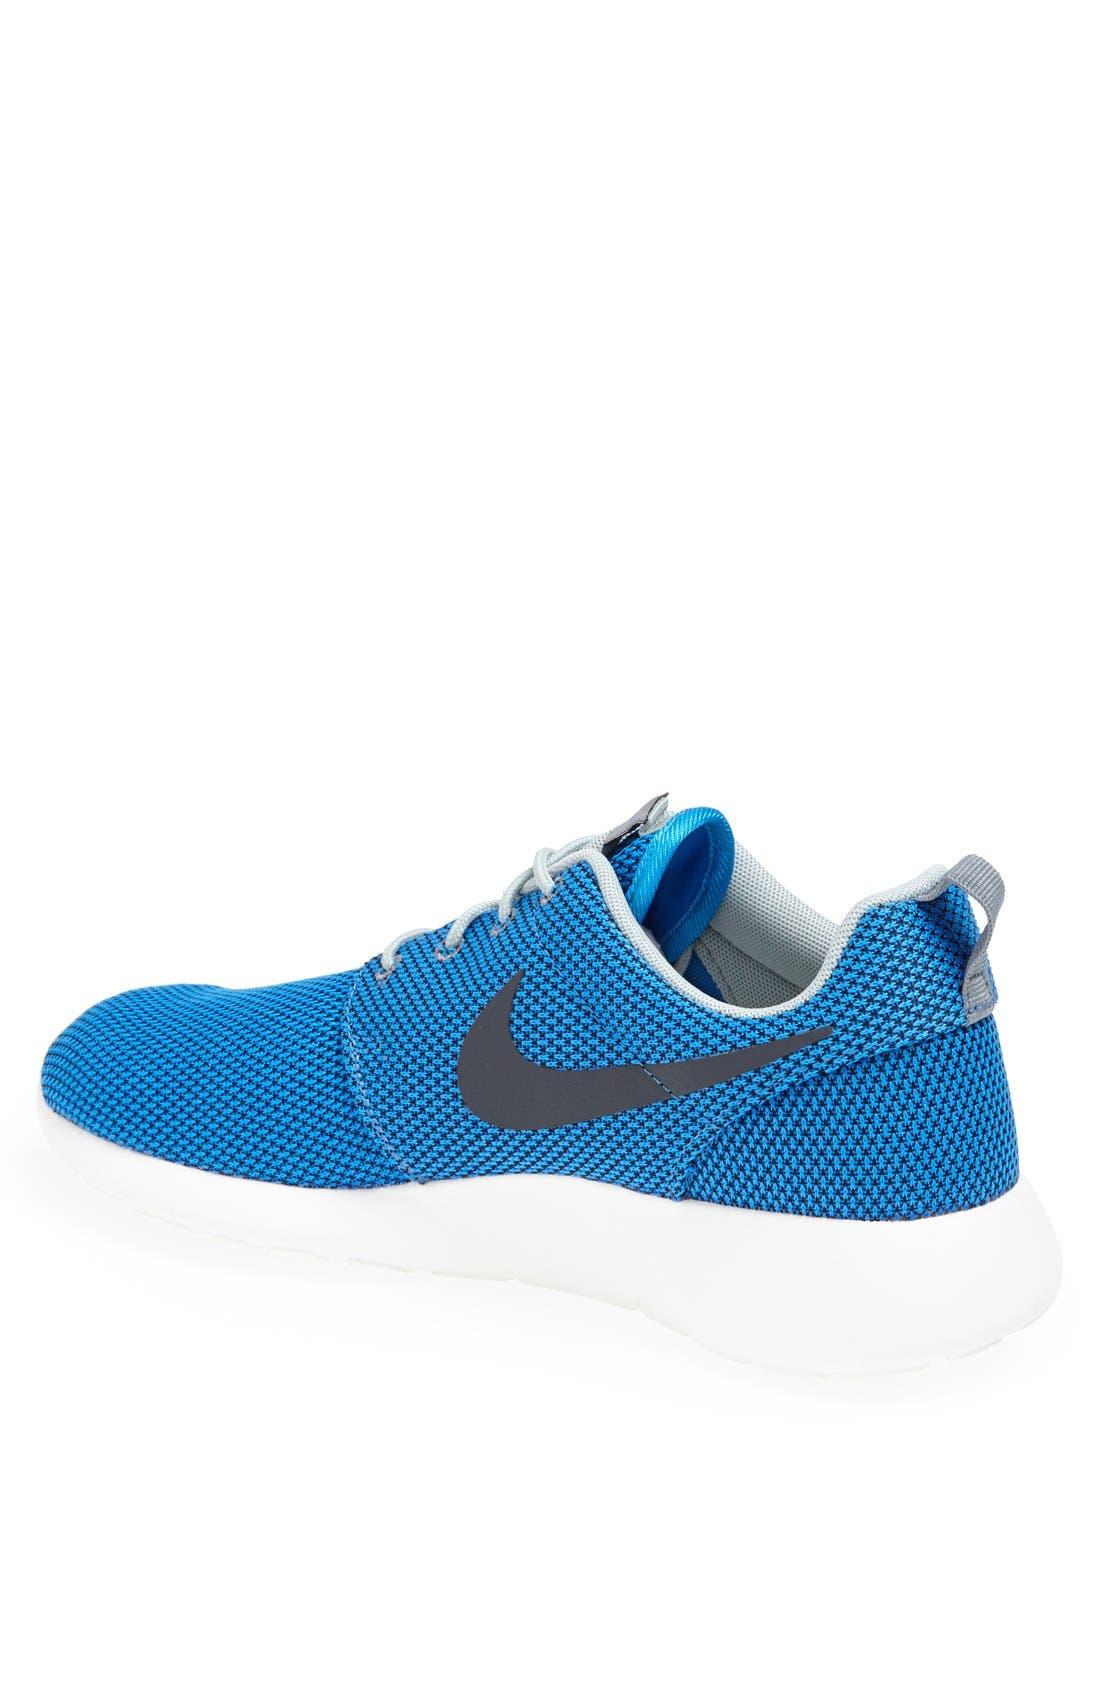 ,                             'Roshe Run' Sneaker,                             Alternate thumbnail 104, color,                             403